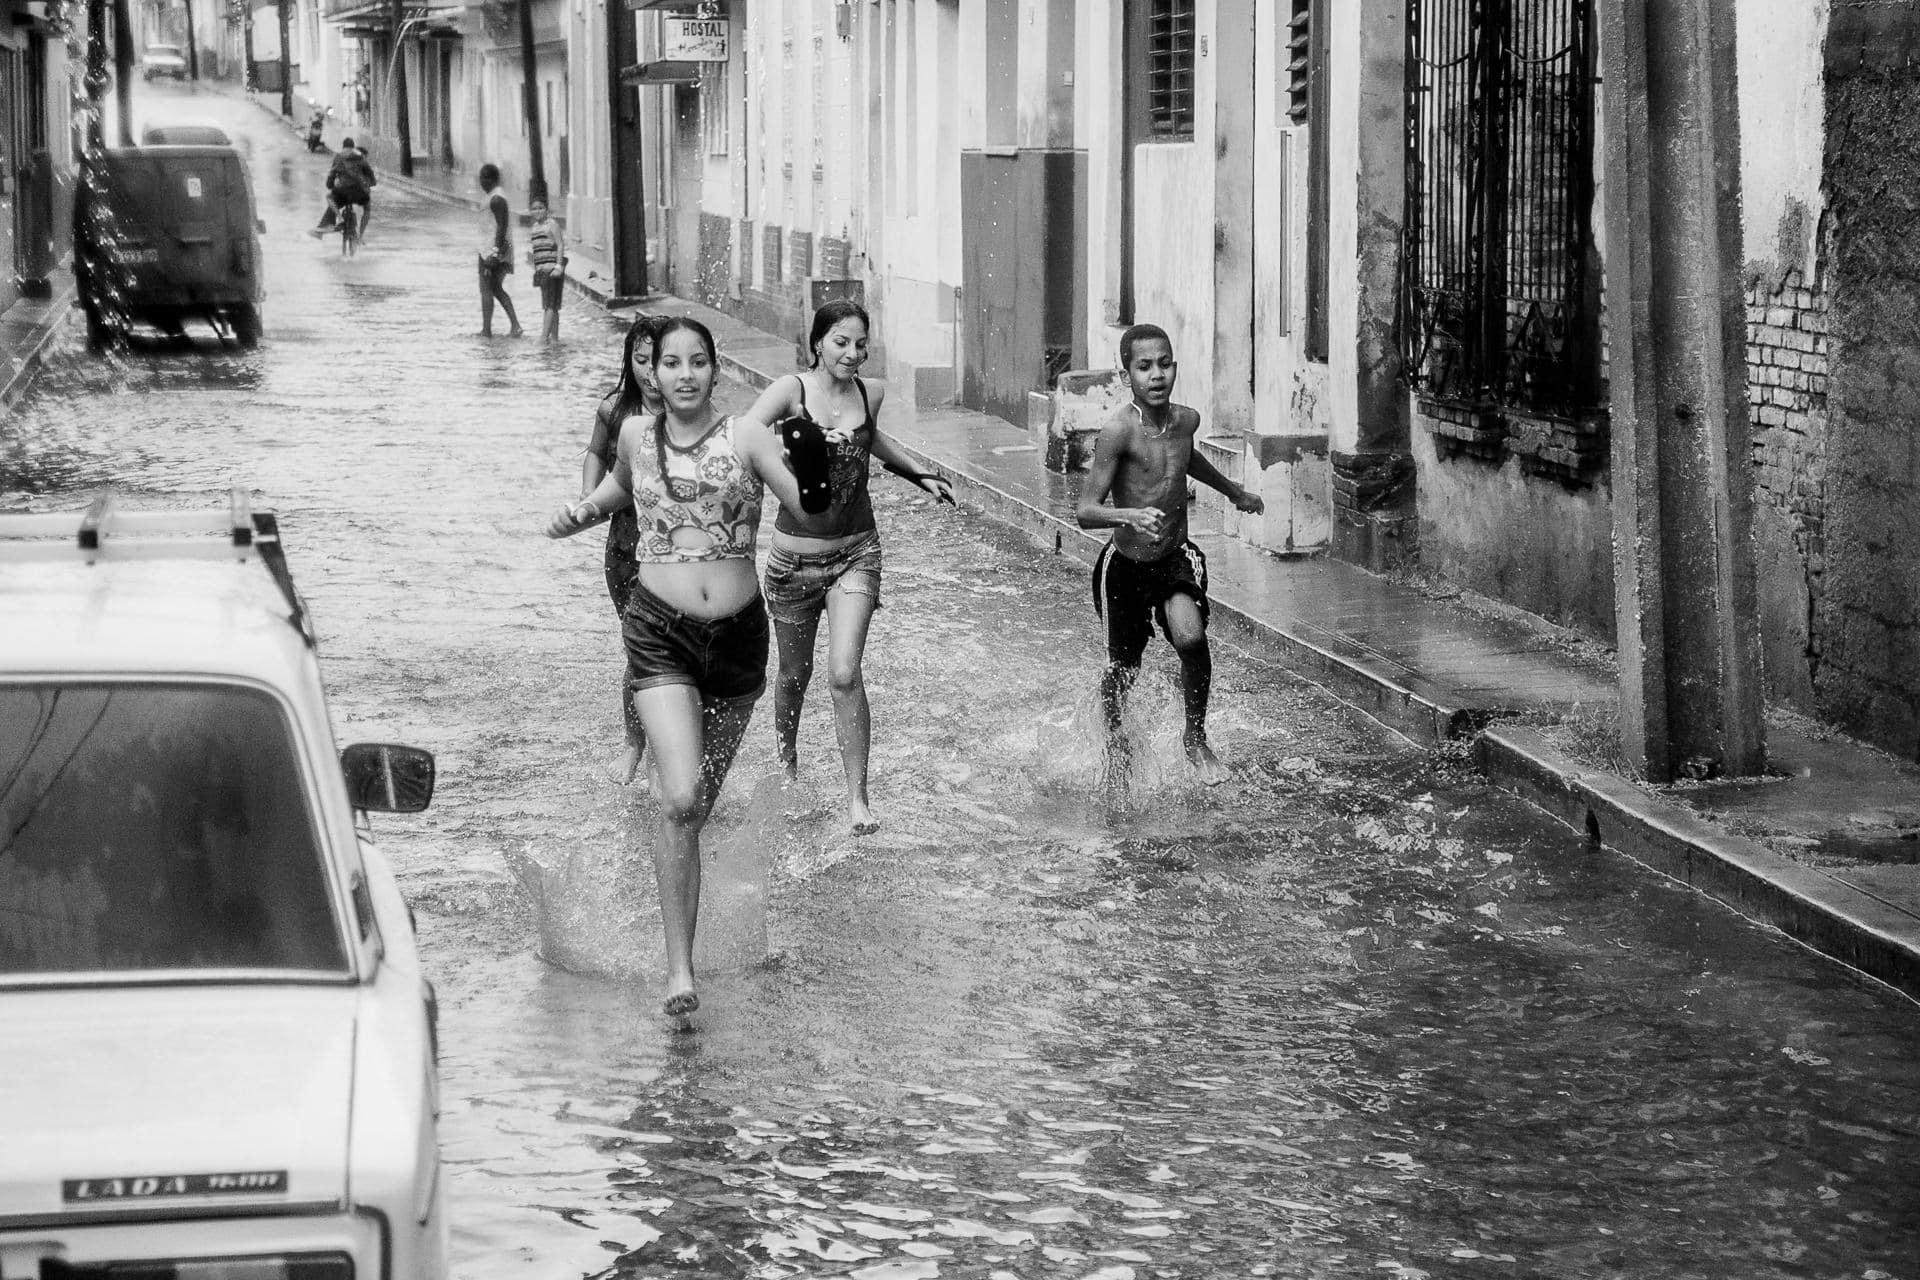 Cuba Santa Clara Che Guevara 152240